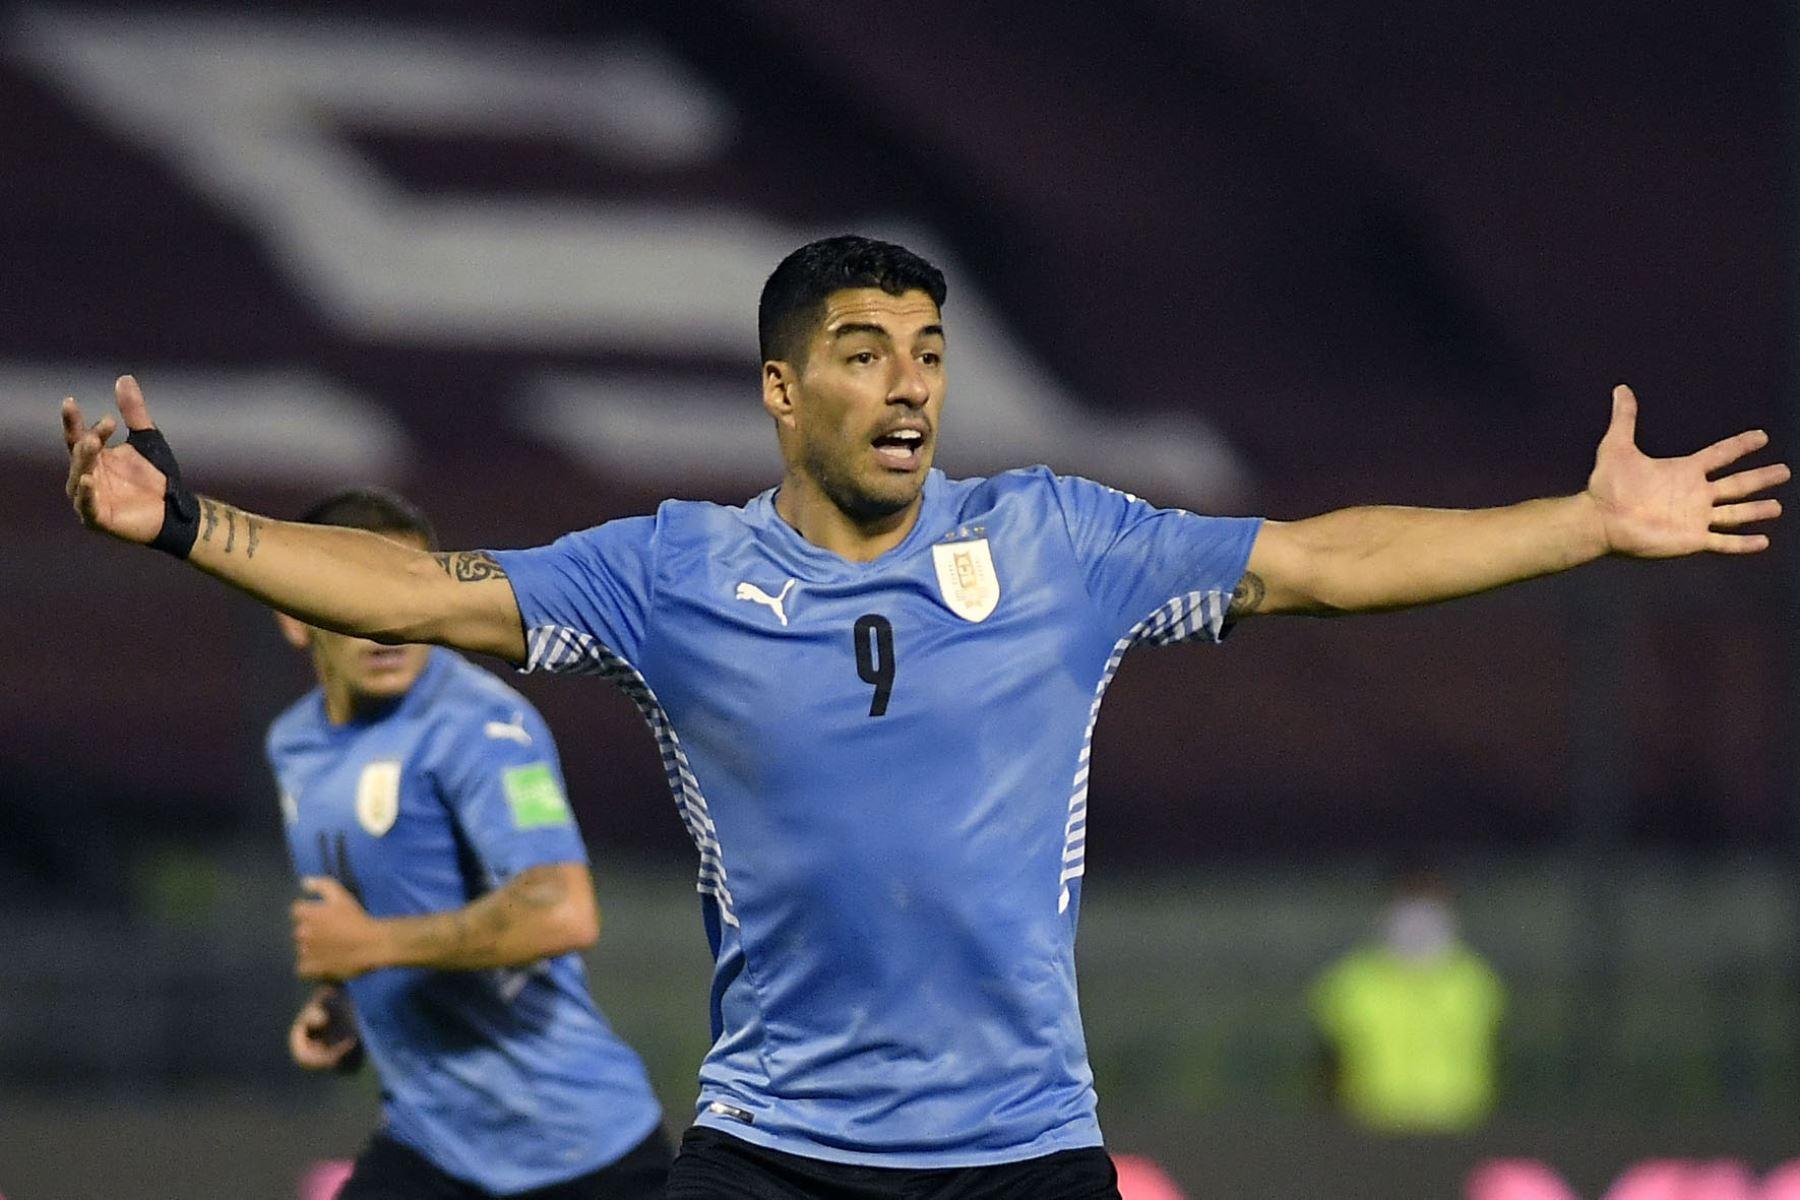 El uruguayo Luis Suárez gesticula durante el partido clasificatorio sudamericano de fútbol para la Copa Mundial de la FIFA Qatar 2022 contra Venezuela en el Estadio Olímpico de la UCV en Caracas. Foto: AFP